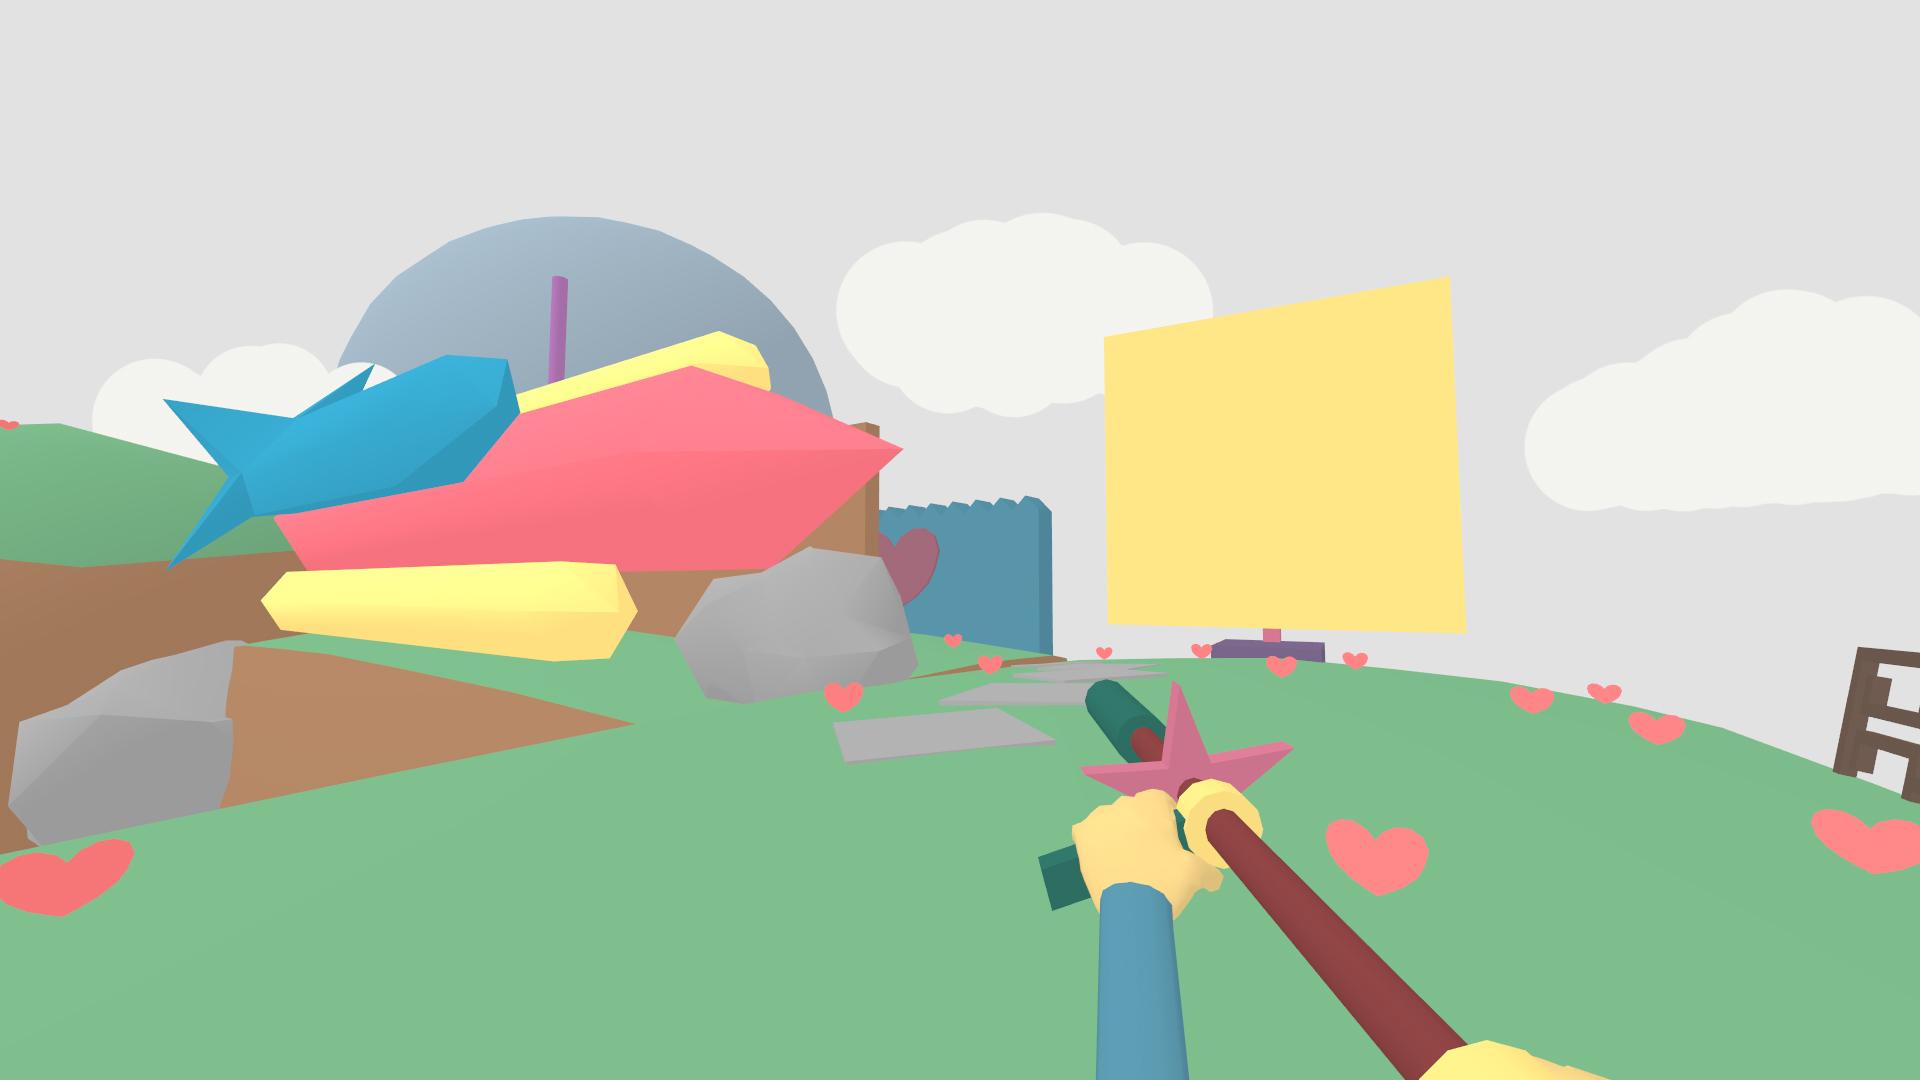 亲测不支持天猫魔盒 可爱星球是相当有特色的FPS独立作品,游戏中玩家将置身于一个奇异的世界中,这个世界由相当简单的色调而构成,并且所有景色可爱迷人,但是不要被这美丽的外表所欺骗,其实这里充满了危险,想要活下去必须不断战斗。 游戏虽然风格简易,不过3D效果依然相当的流畅逼真,玩家在游戏中将使用场景中现有的装备道具,与各式各样长相甜美可爱但性情极为凶残的怪物展开战斗,游戏节奏较快,对玩家的操作要求颇高,同时游戏中还设计了许多怪异的陷阱,喜欢的玩家还是亲自体验下吧。